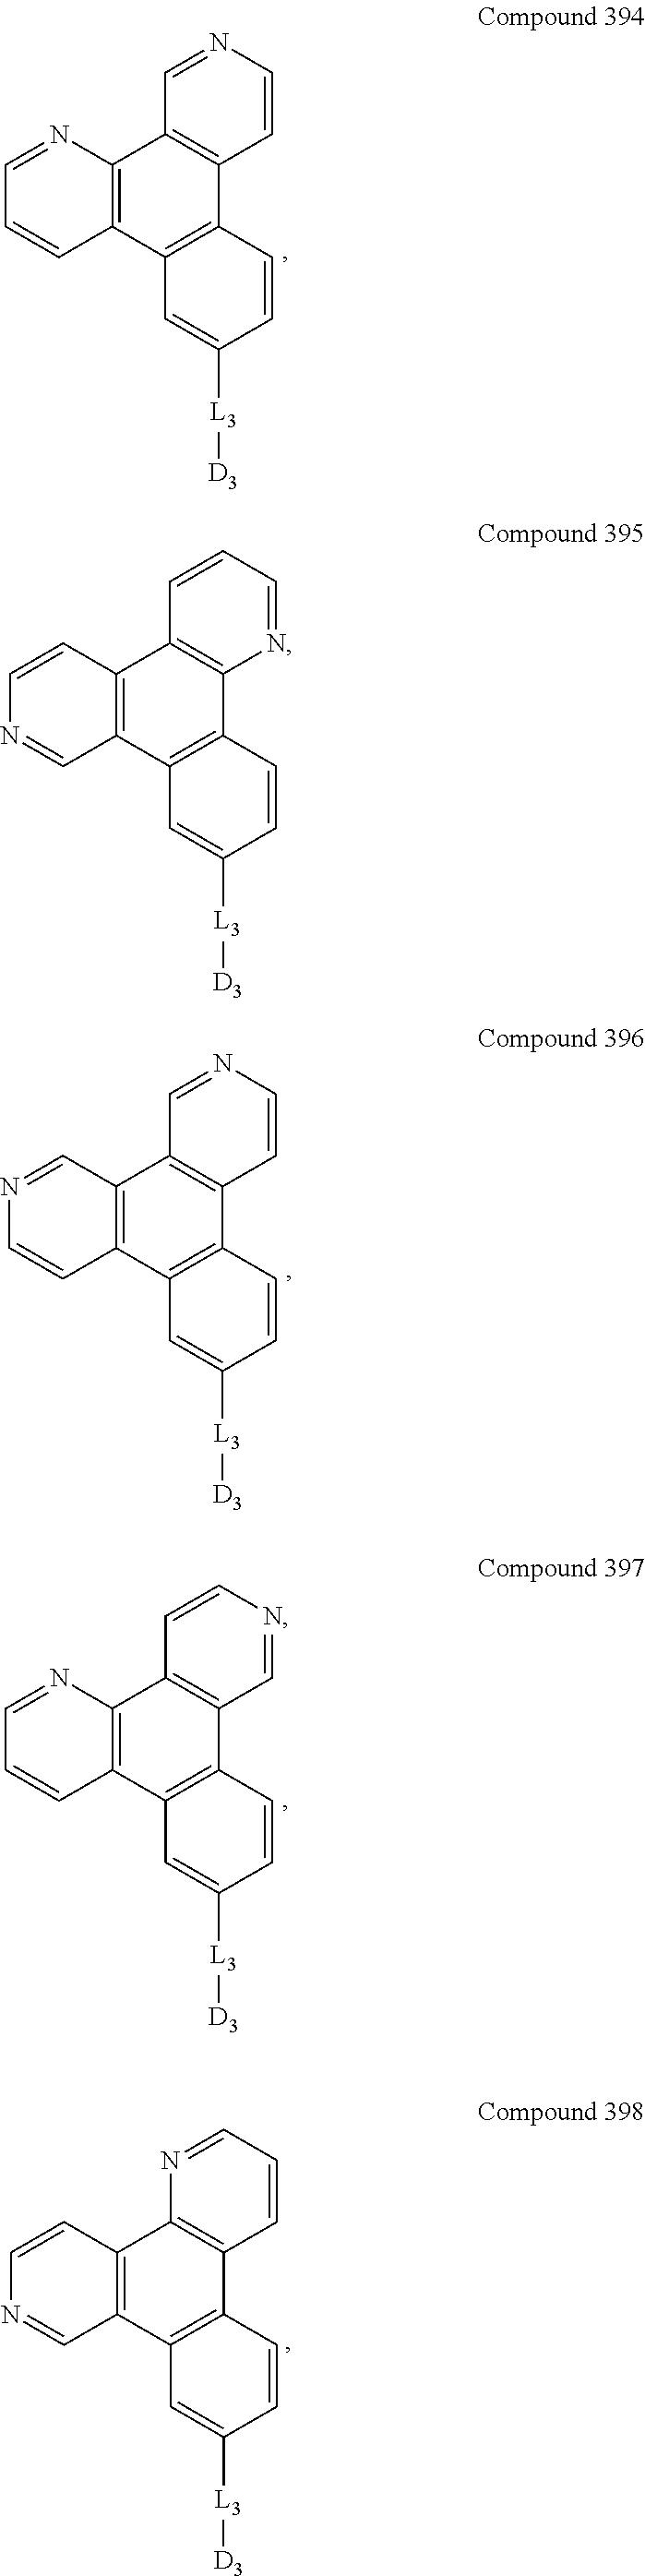 Figure US09537106-20170103-C00107